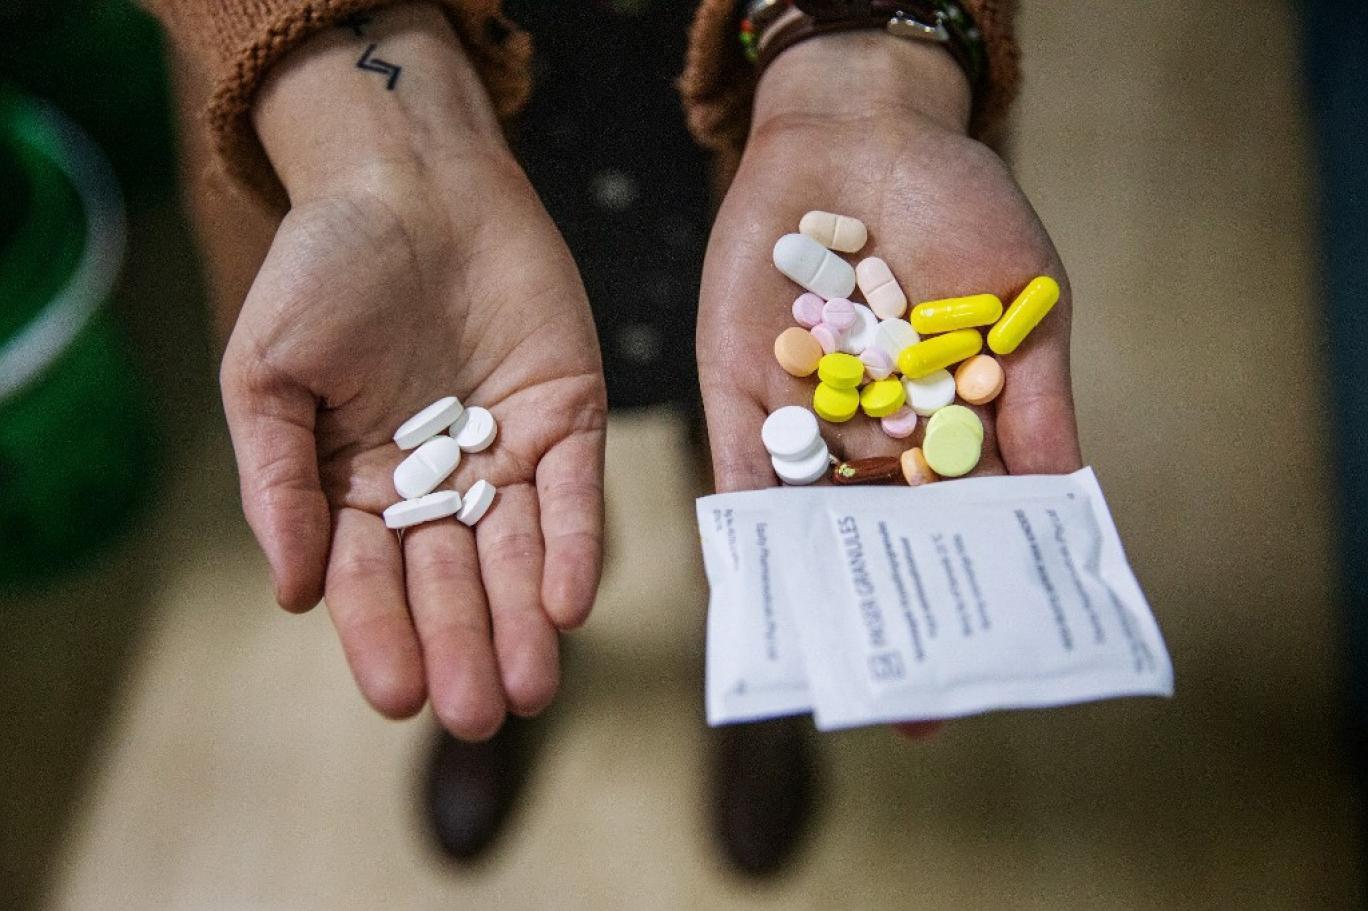 فساد یا تحریم؛ چرا داروی خارجی به دست بیماران ایرانی نمیرسد؟ کابل برق، دسته بیل، غذای سگ و کالاهای لوکس از جمله محصولاتی است که با ارز دارو وارد شد